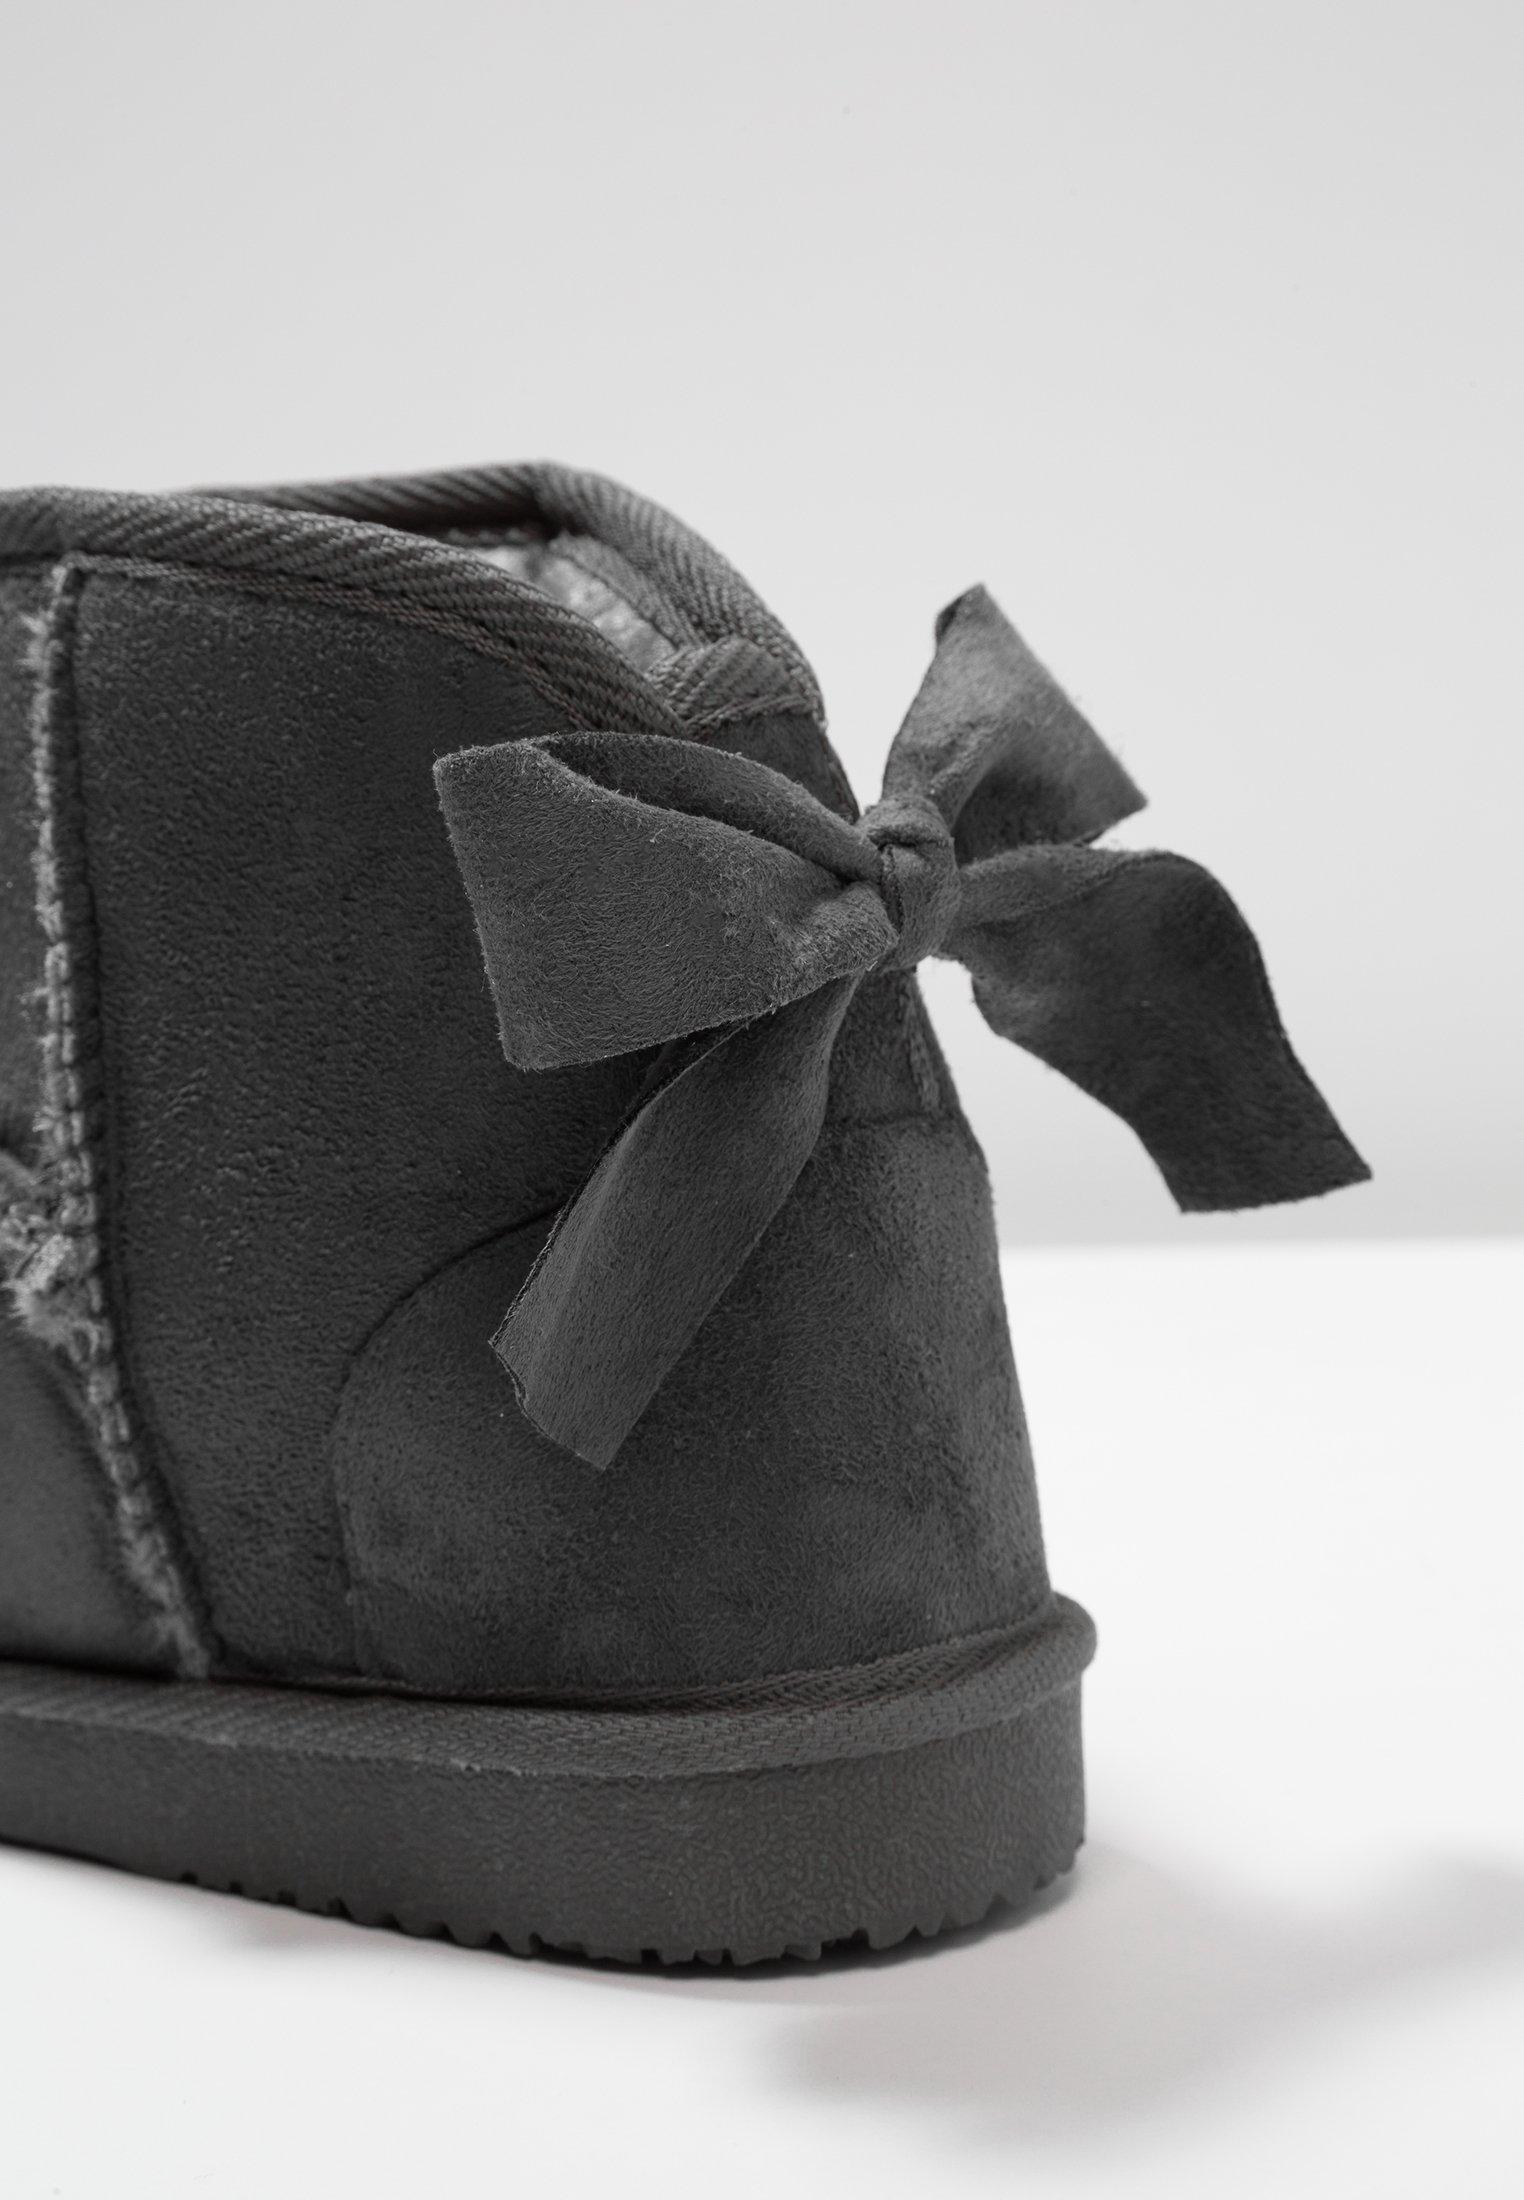 Anna TalonsDark Field Boots À Gray 0Ow8Pkn